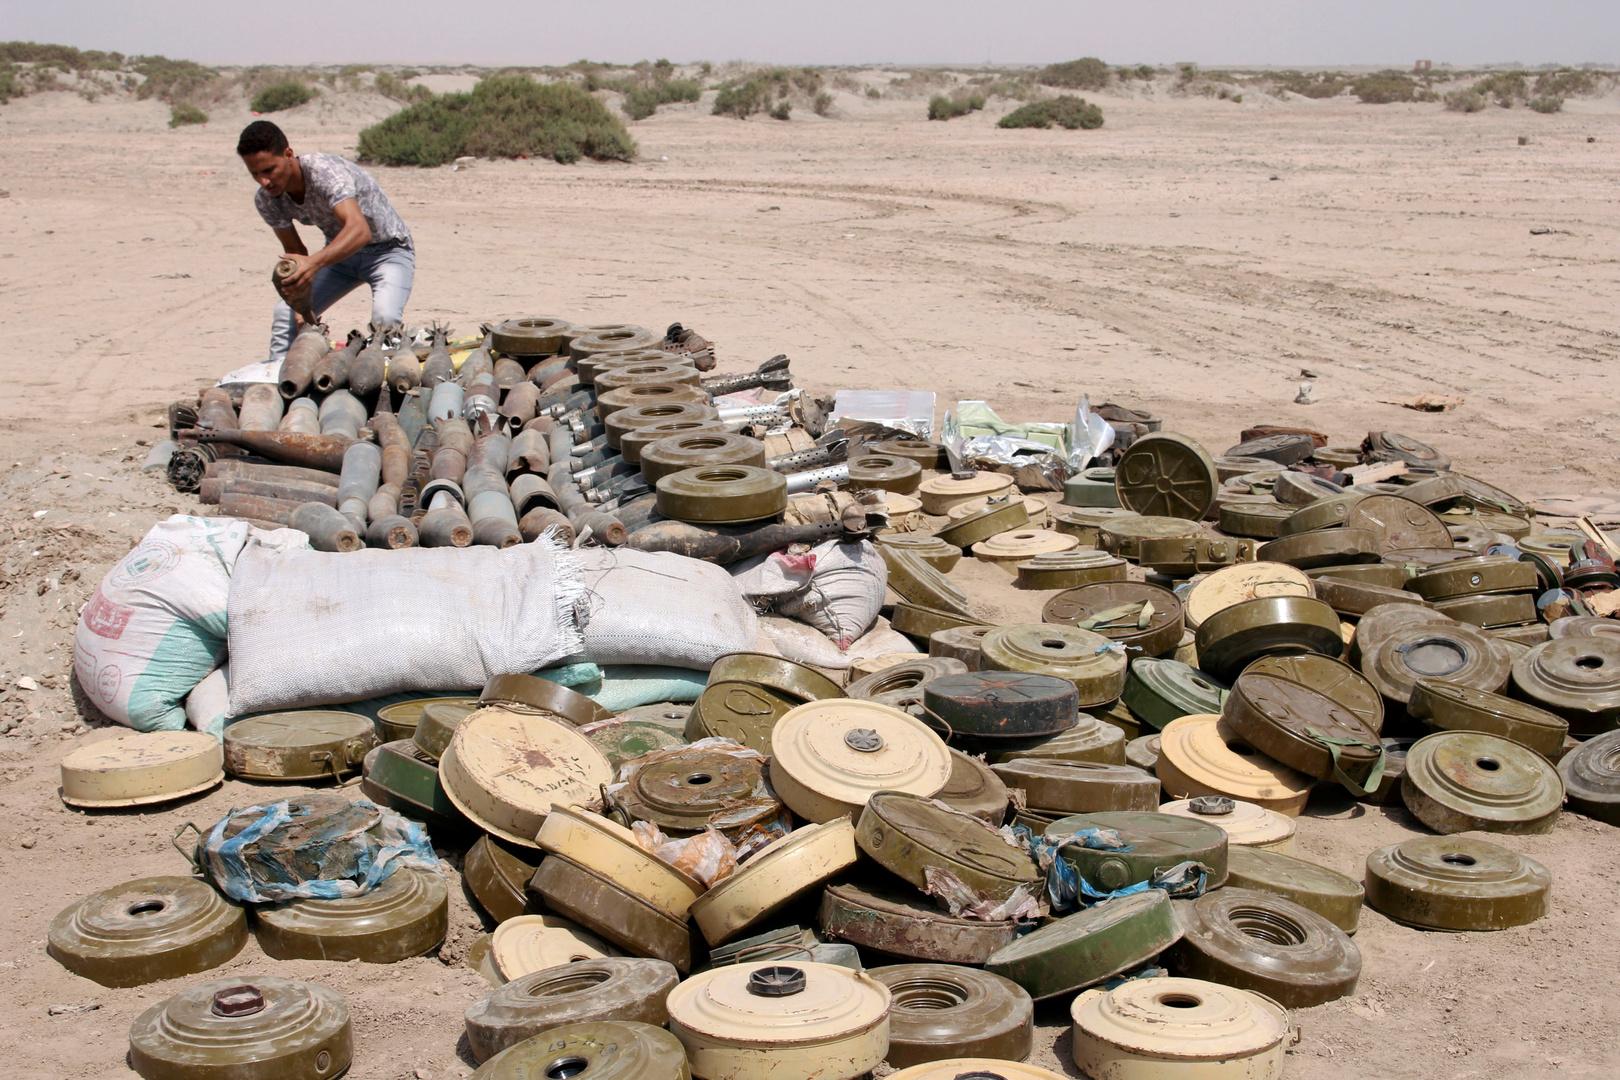 السعودية تمدد مشروعها لنزع الألغام في اليمن لمدة عام